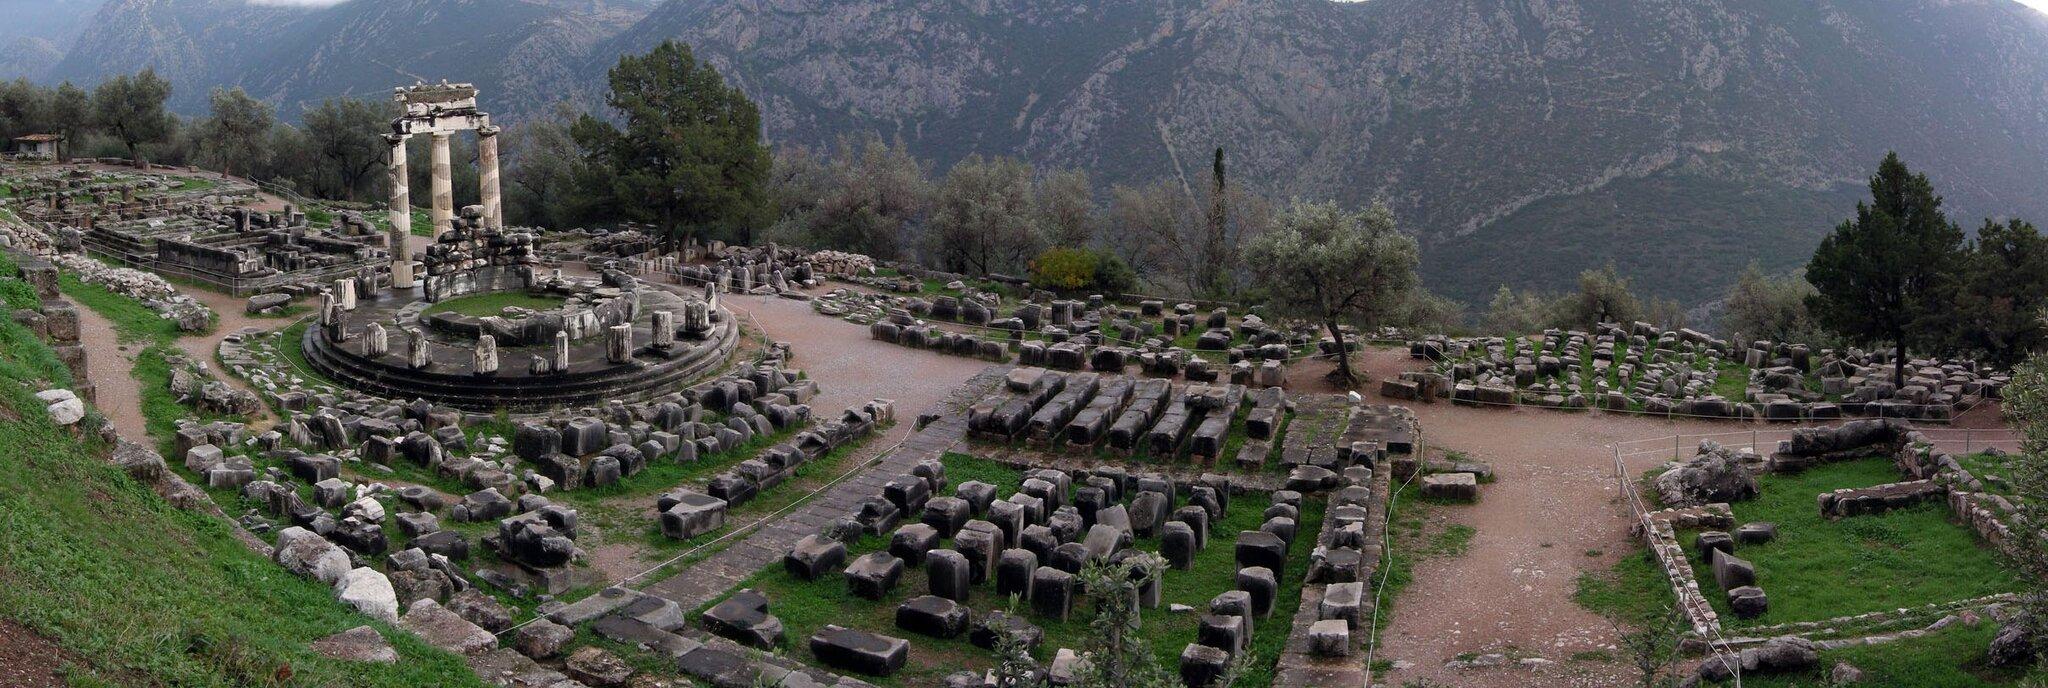 Ruiny świątyni Ateny wDelfach wGrecji Ruiny świątyni Ateny wDelfach wGrecji Źródło: Luarvick, licencja: CC BY-SA 3.0.